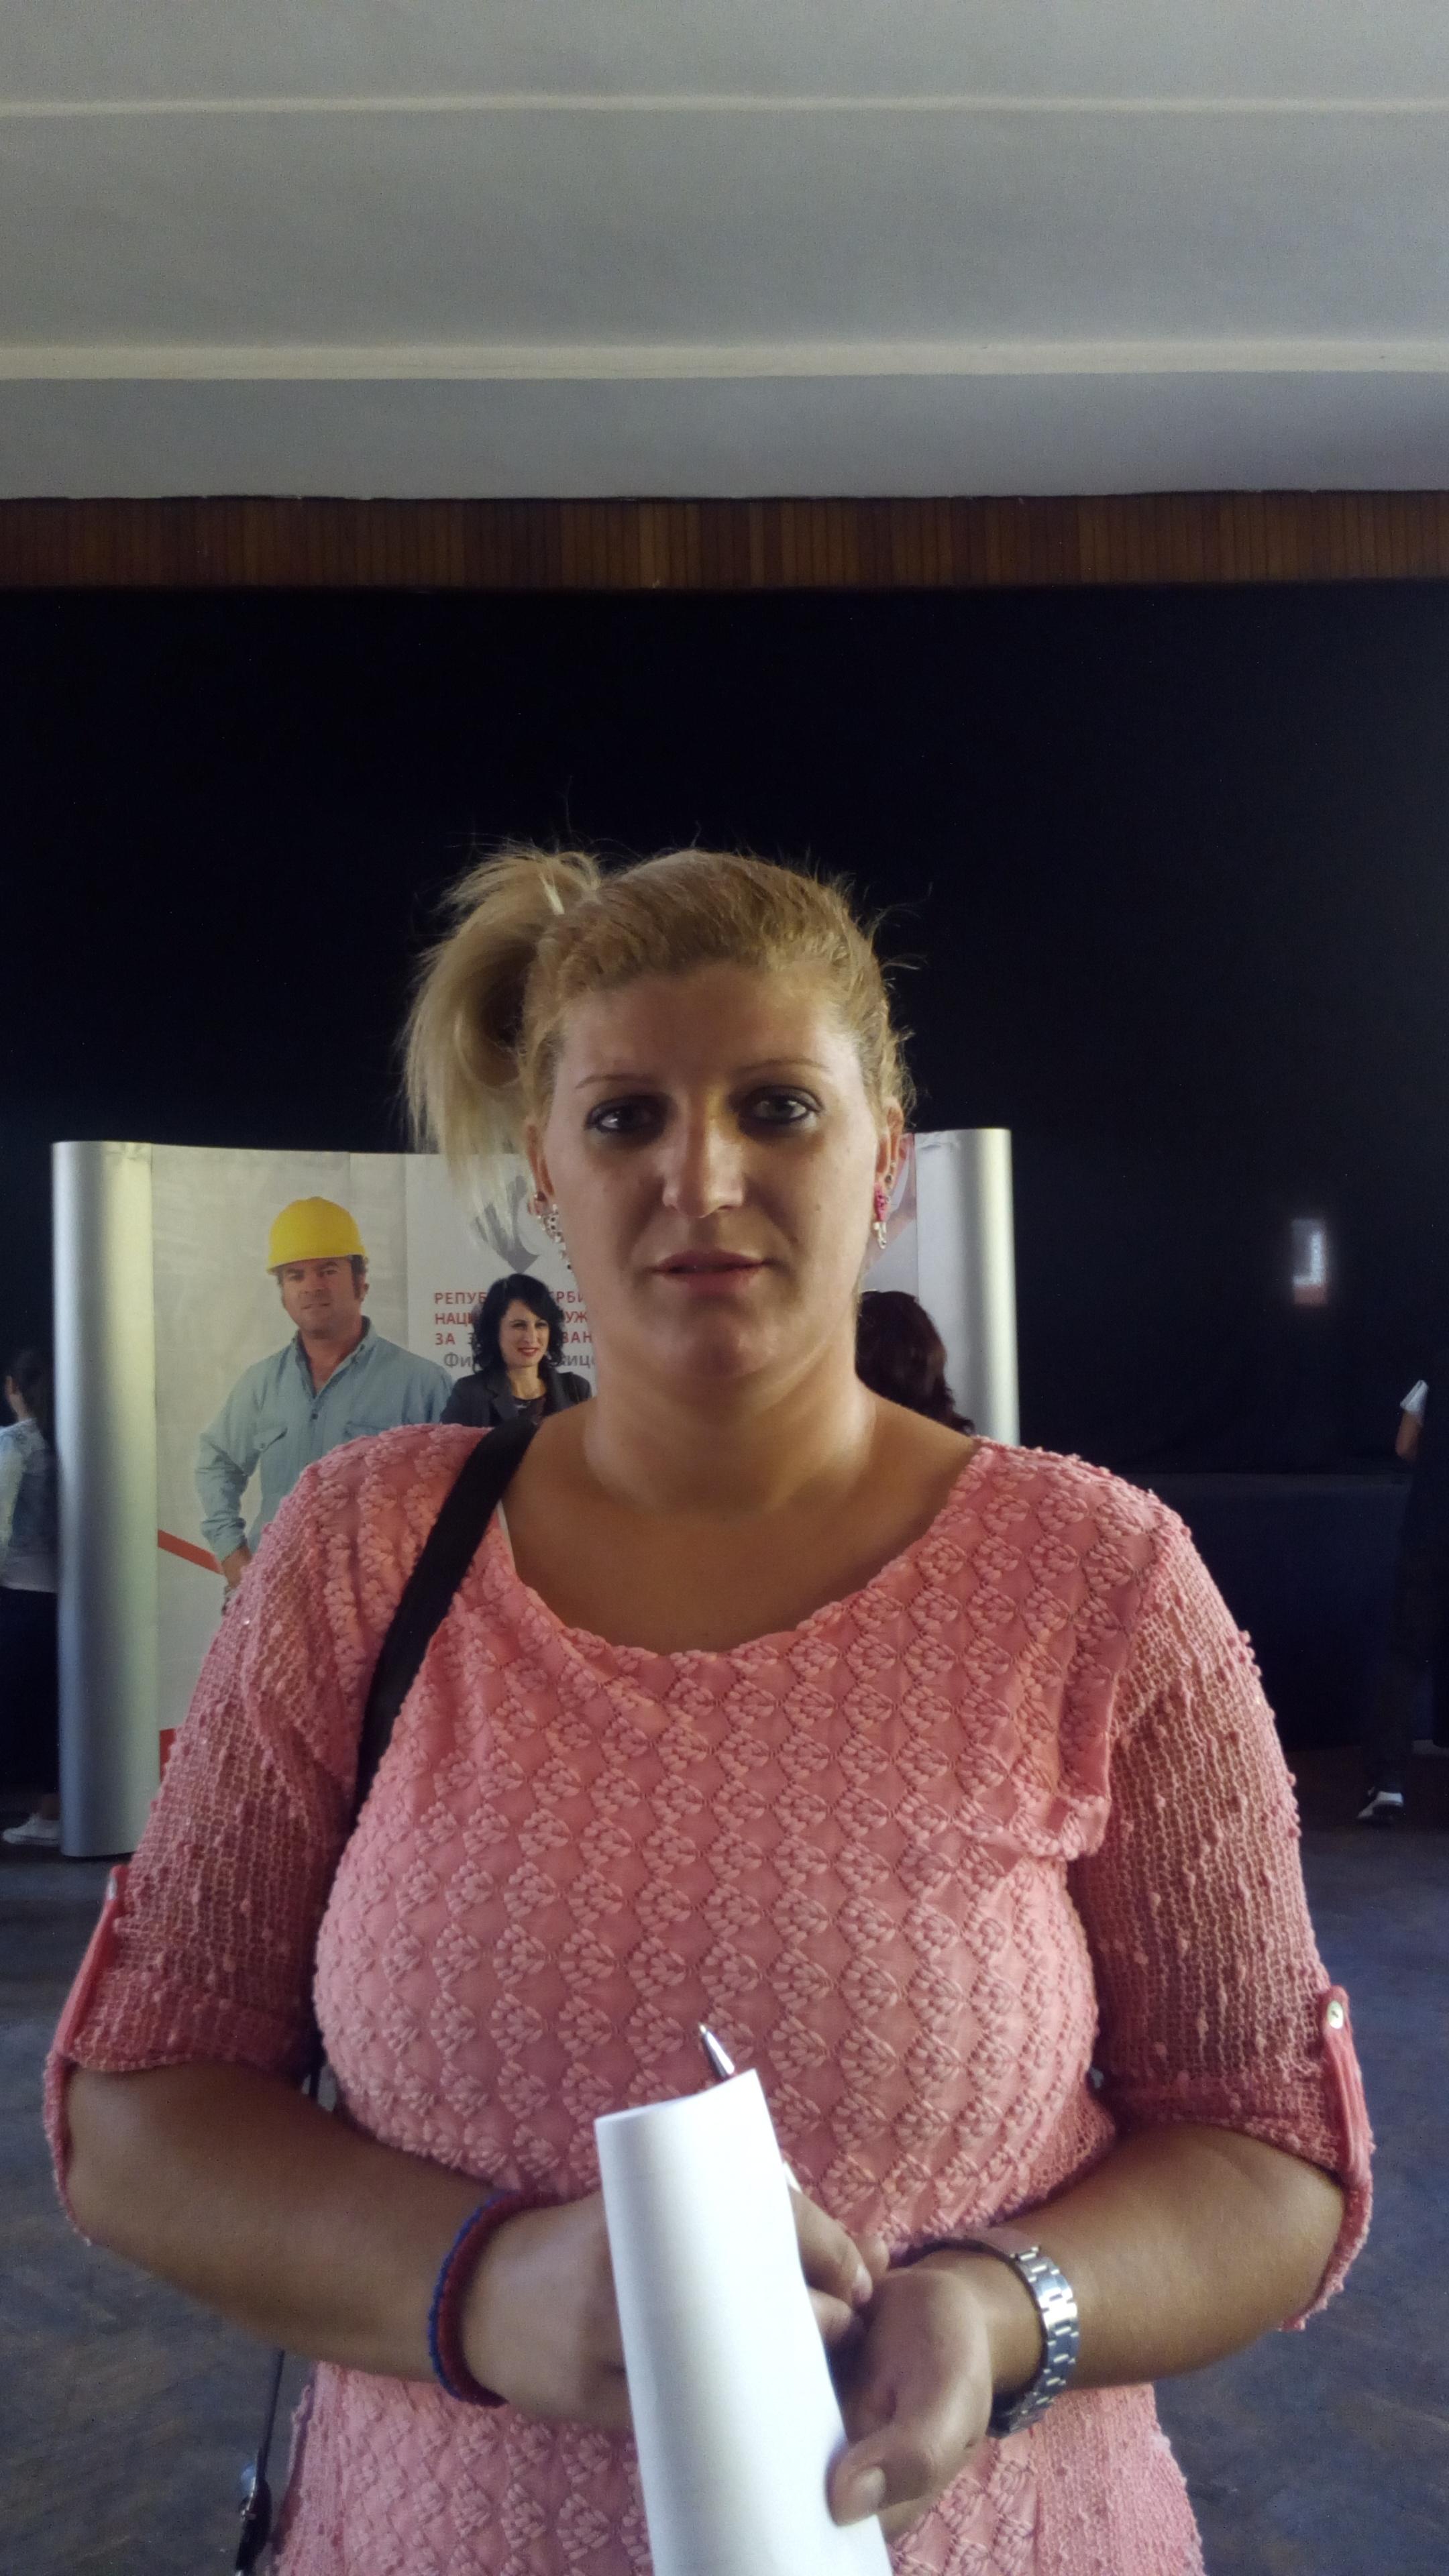 Jelena Skokic